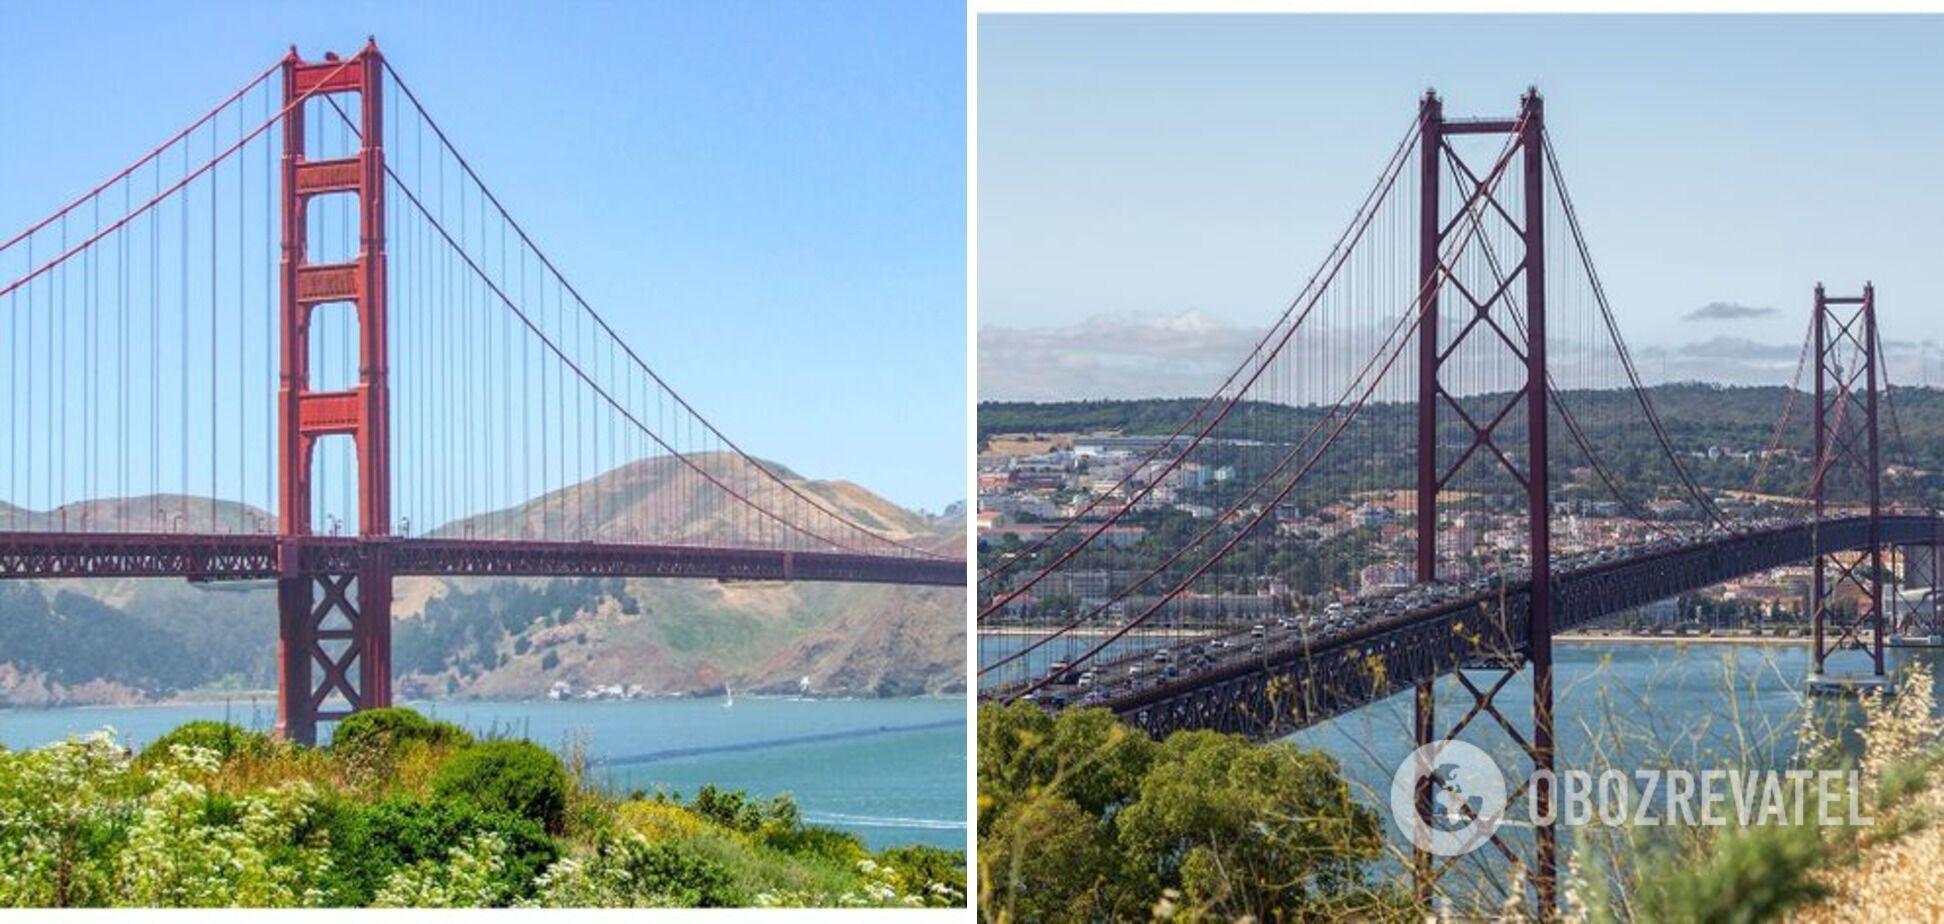 """Слева – мост """"Золотые ворота"""" в США, справа – мост """"25 апреля"""" в Португалии."""